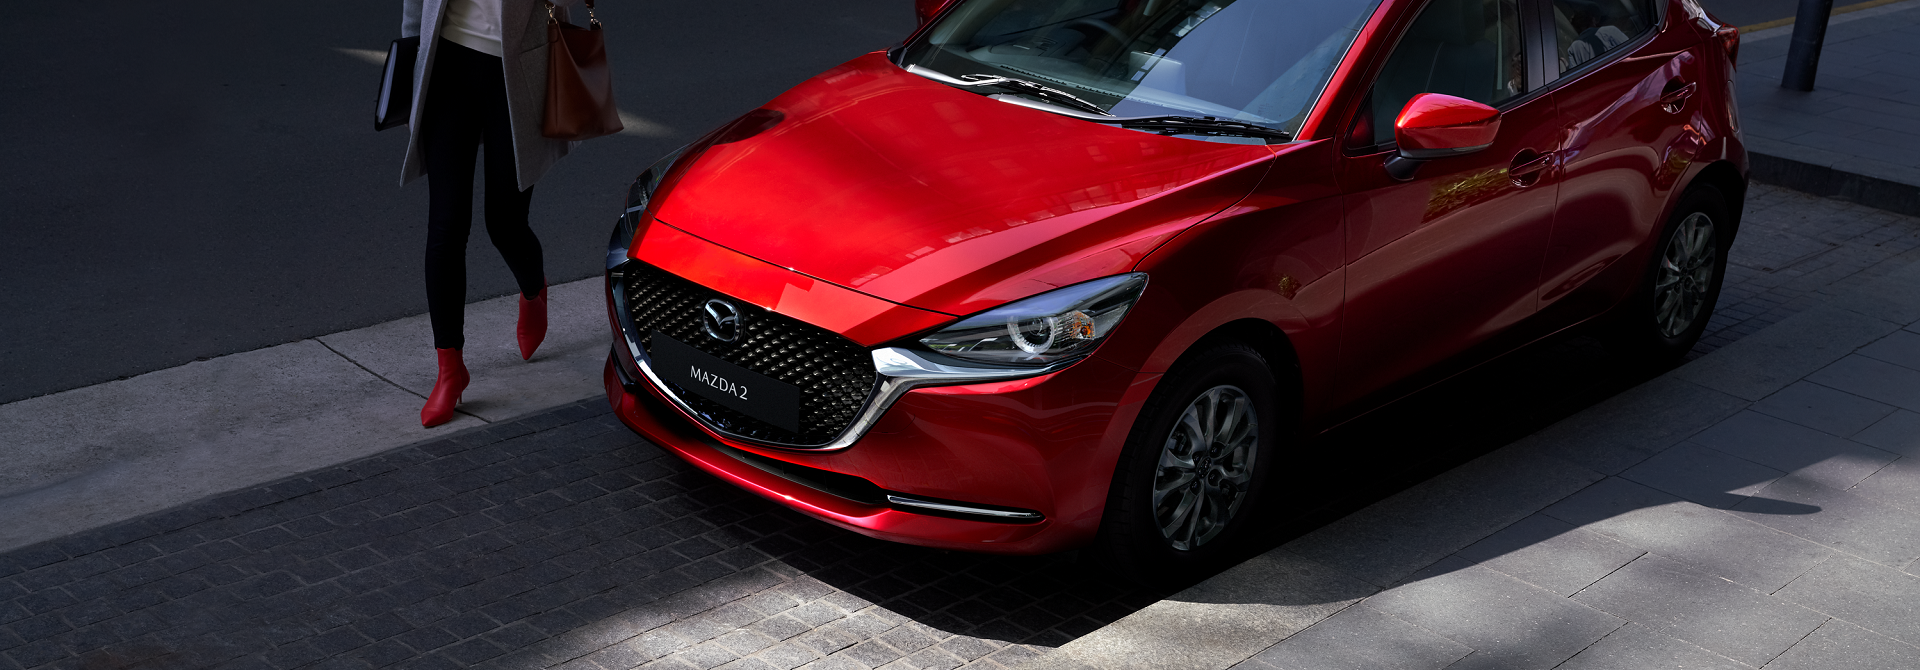 New Mazda2 ưu đãi tháng 10, tương đương 50% phí trước bạ